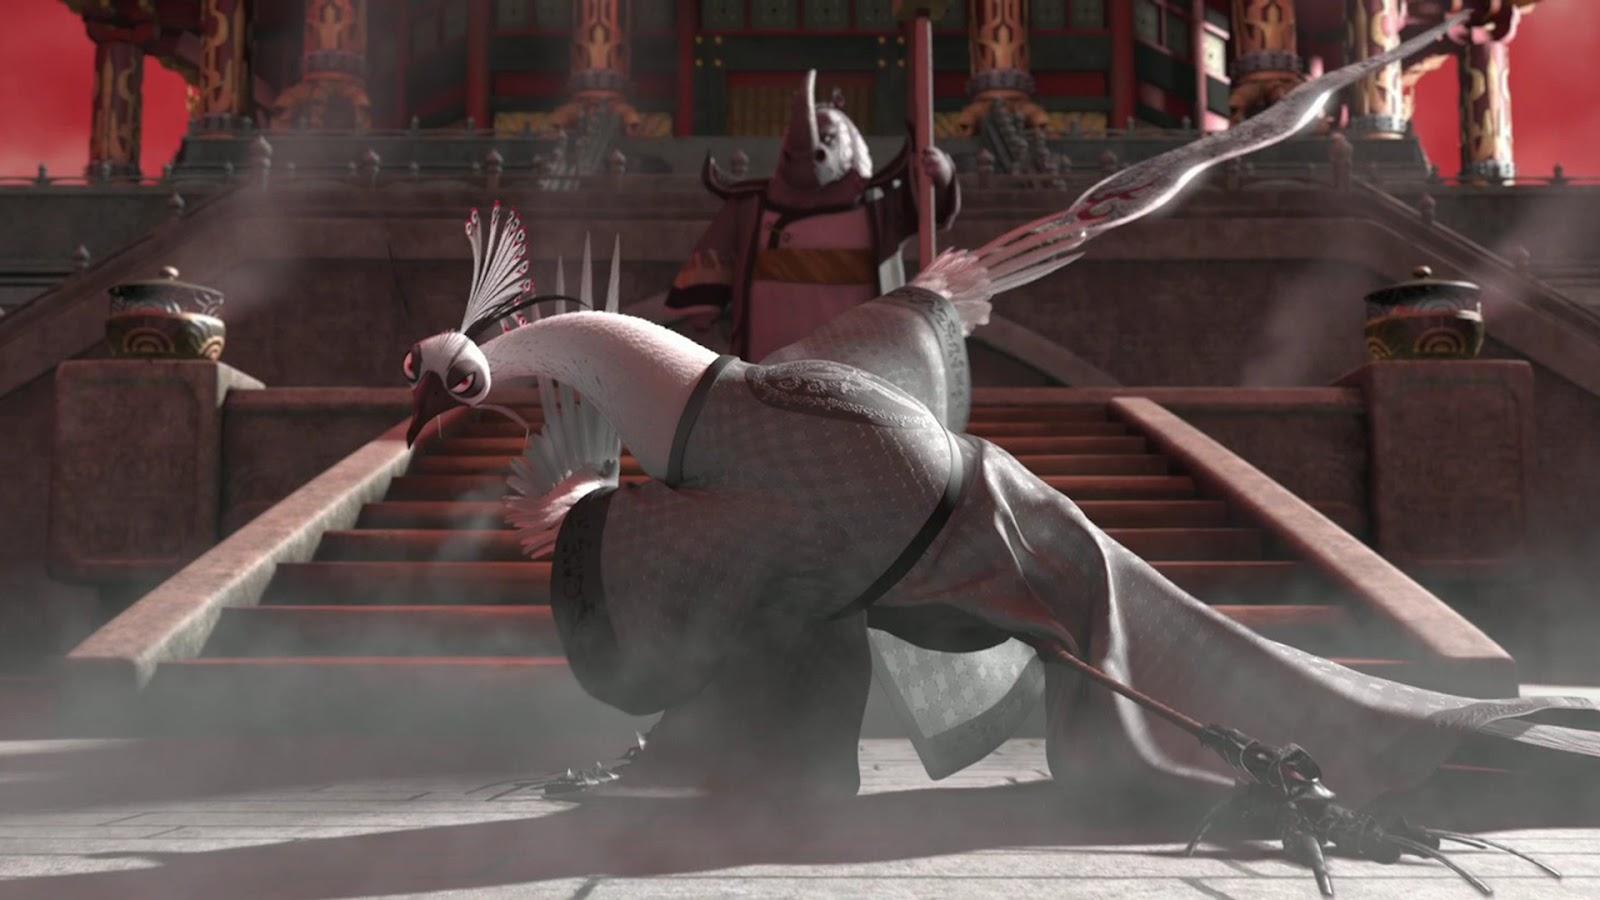 http://2.bp.blogspot.com/-PACBaWRTbRA/UBH8-bhHu7I/AAAAAAAAC6g/tPBZURITOlo/s1600/kung-fu-panda-2-086.jpg